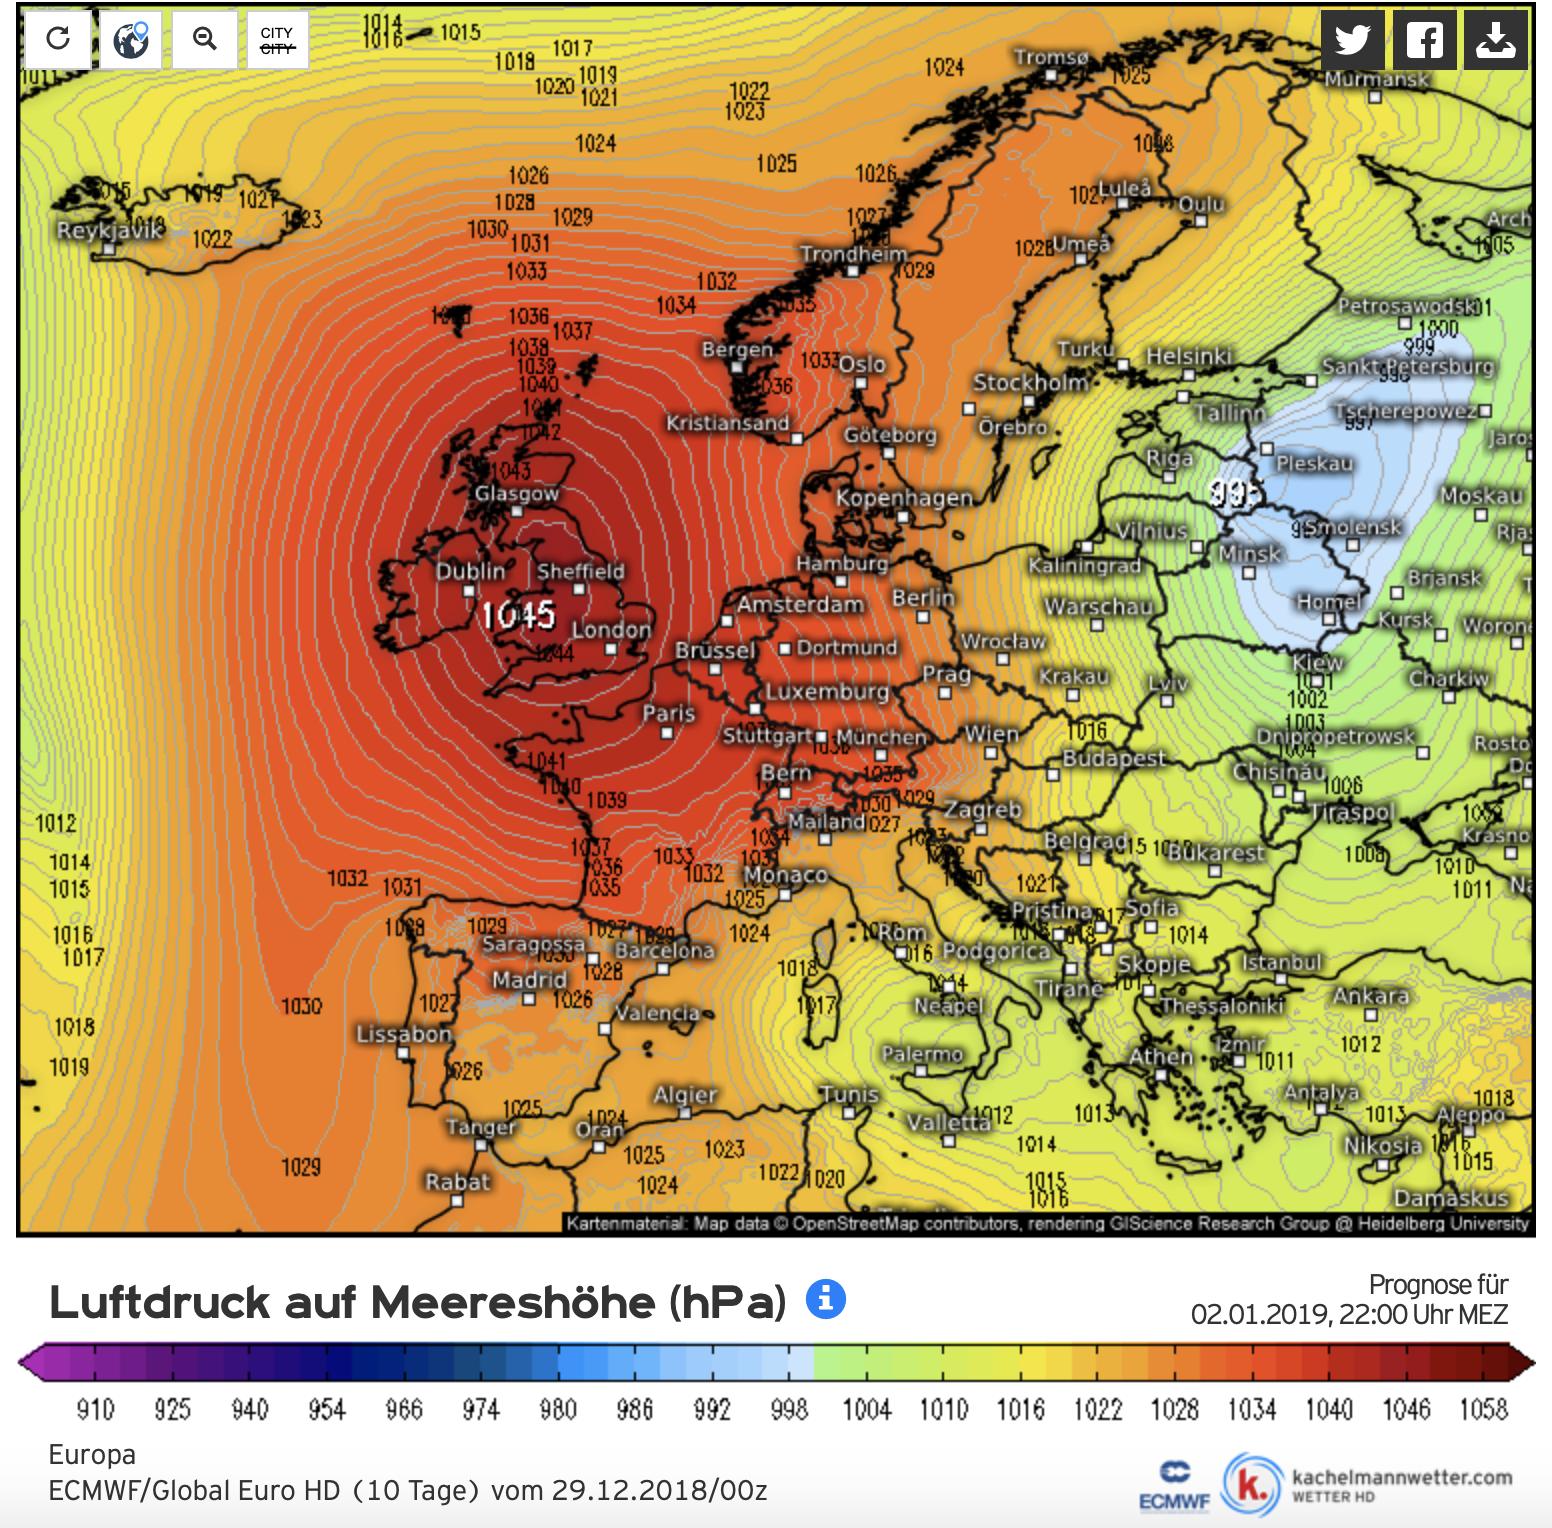 Hoge druk ten westen van ons houdt de deur naar de Atlantische Oceaan en regengebieden op slot (bron Kachelmannwetter.com)